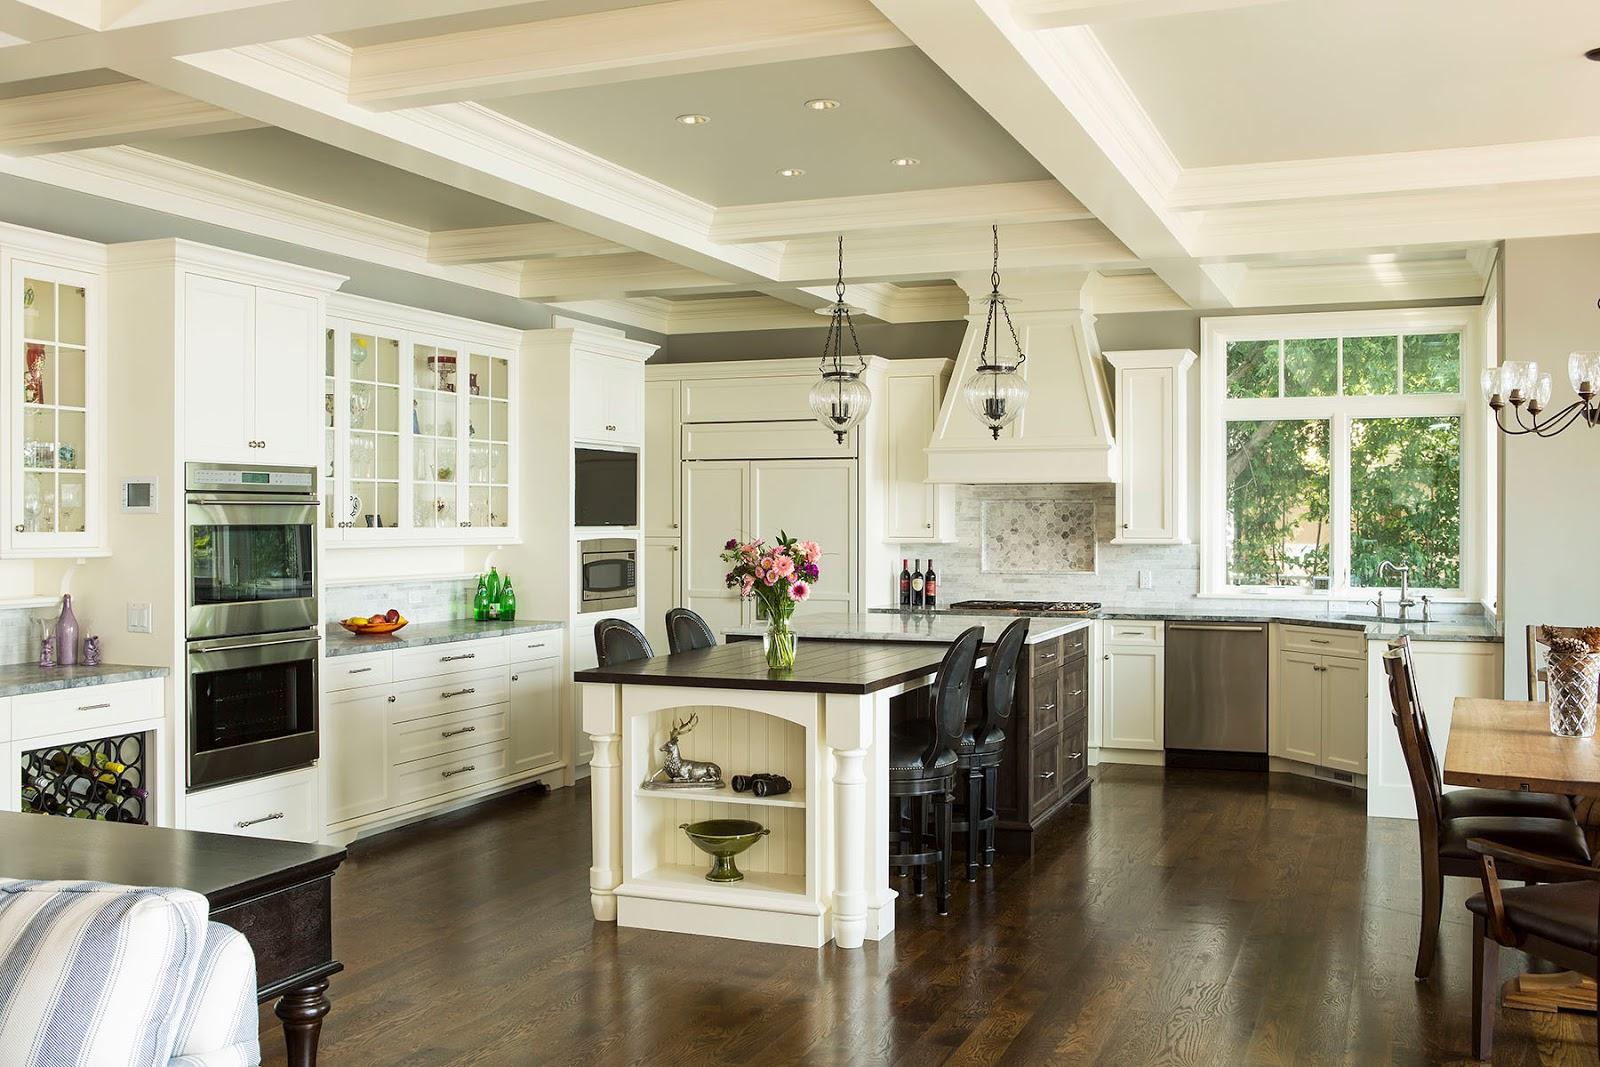 kitchen design ideas beautiful photo - 1